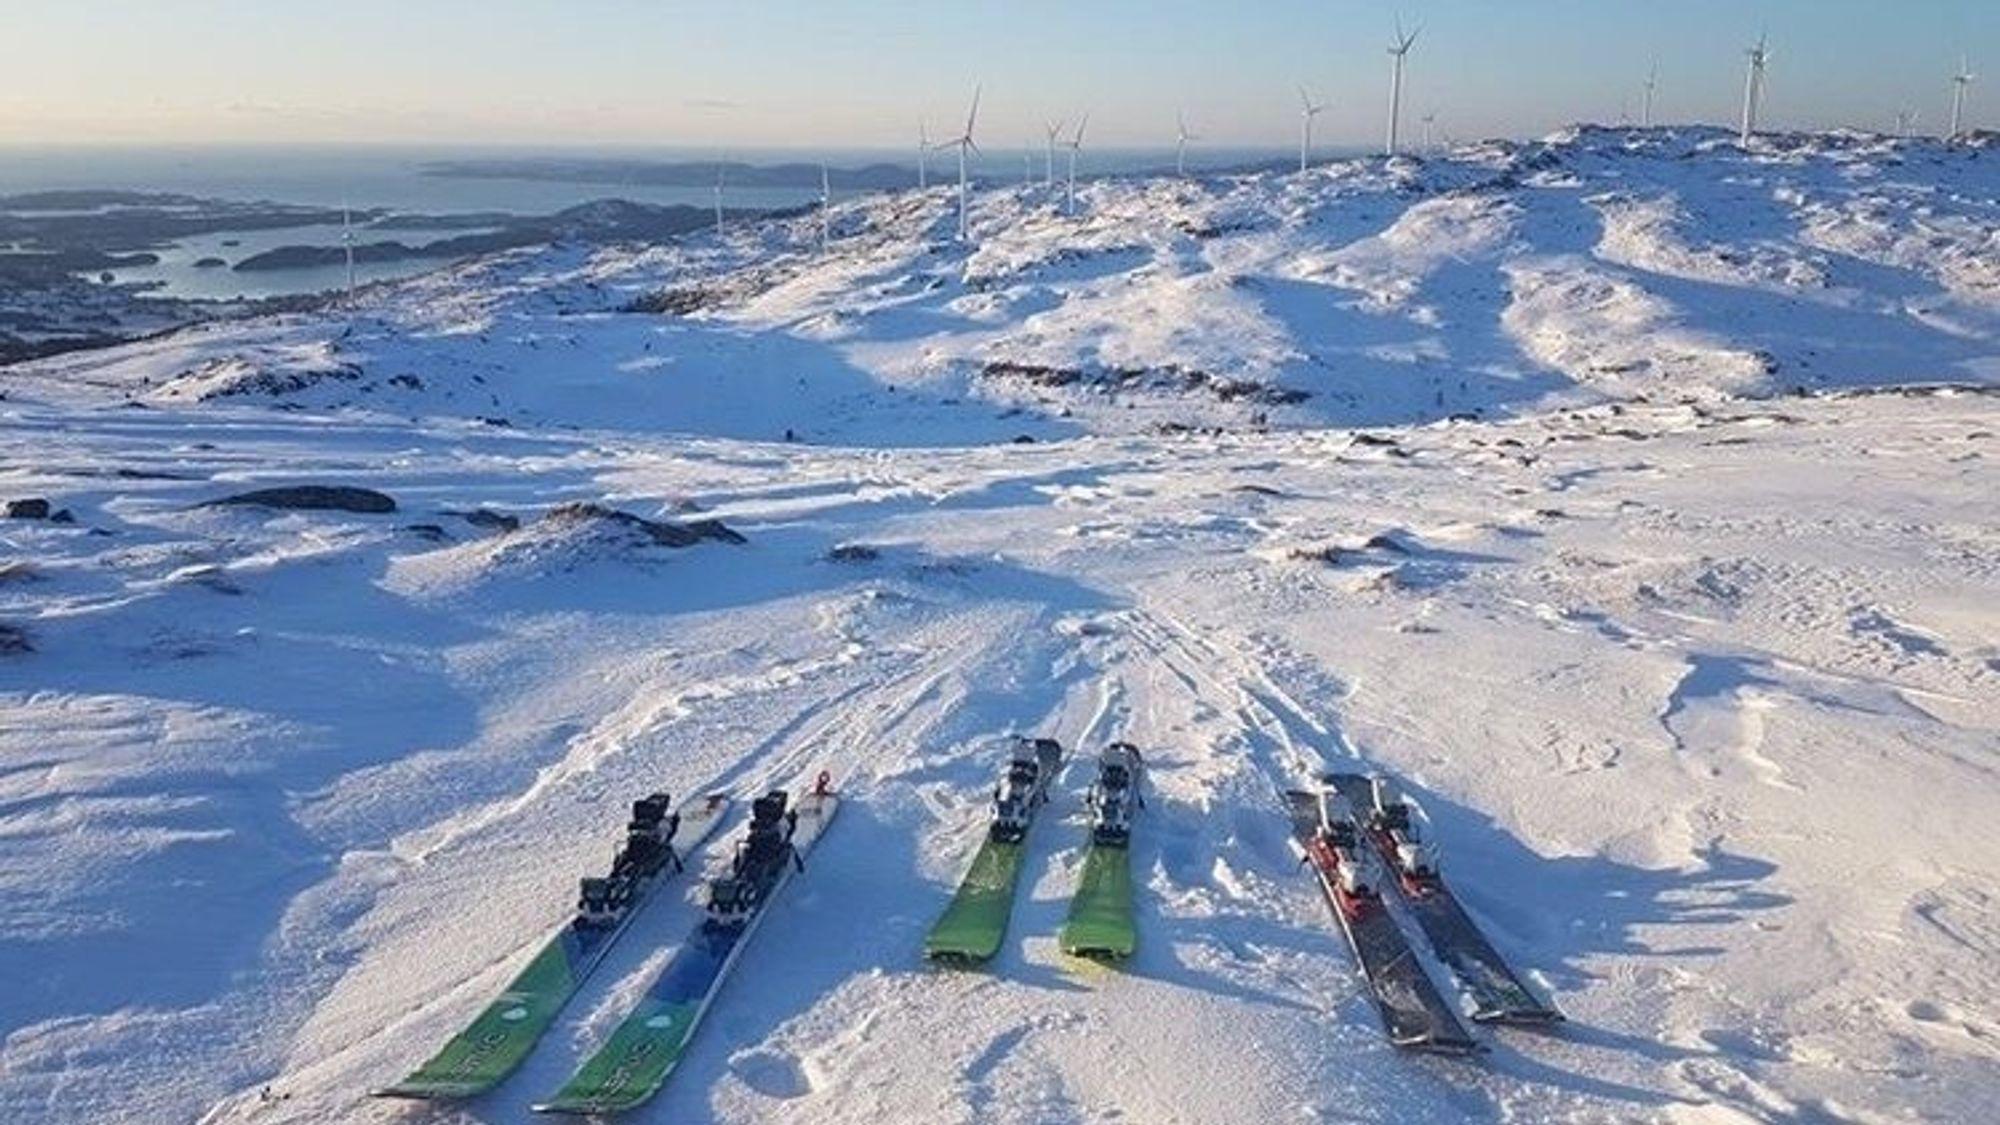 Midtfjellet vindpark sør for Fitjar er et mye brukt turområde. Vindparken er svært bevisst faren ved iskast og i tillegg til skilting har de laget en lysløype for å guide folk utenom sikkerhetssonen.